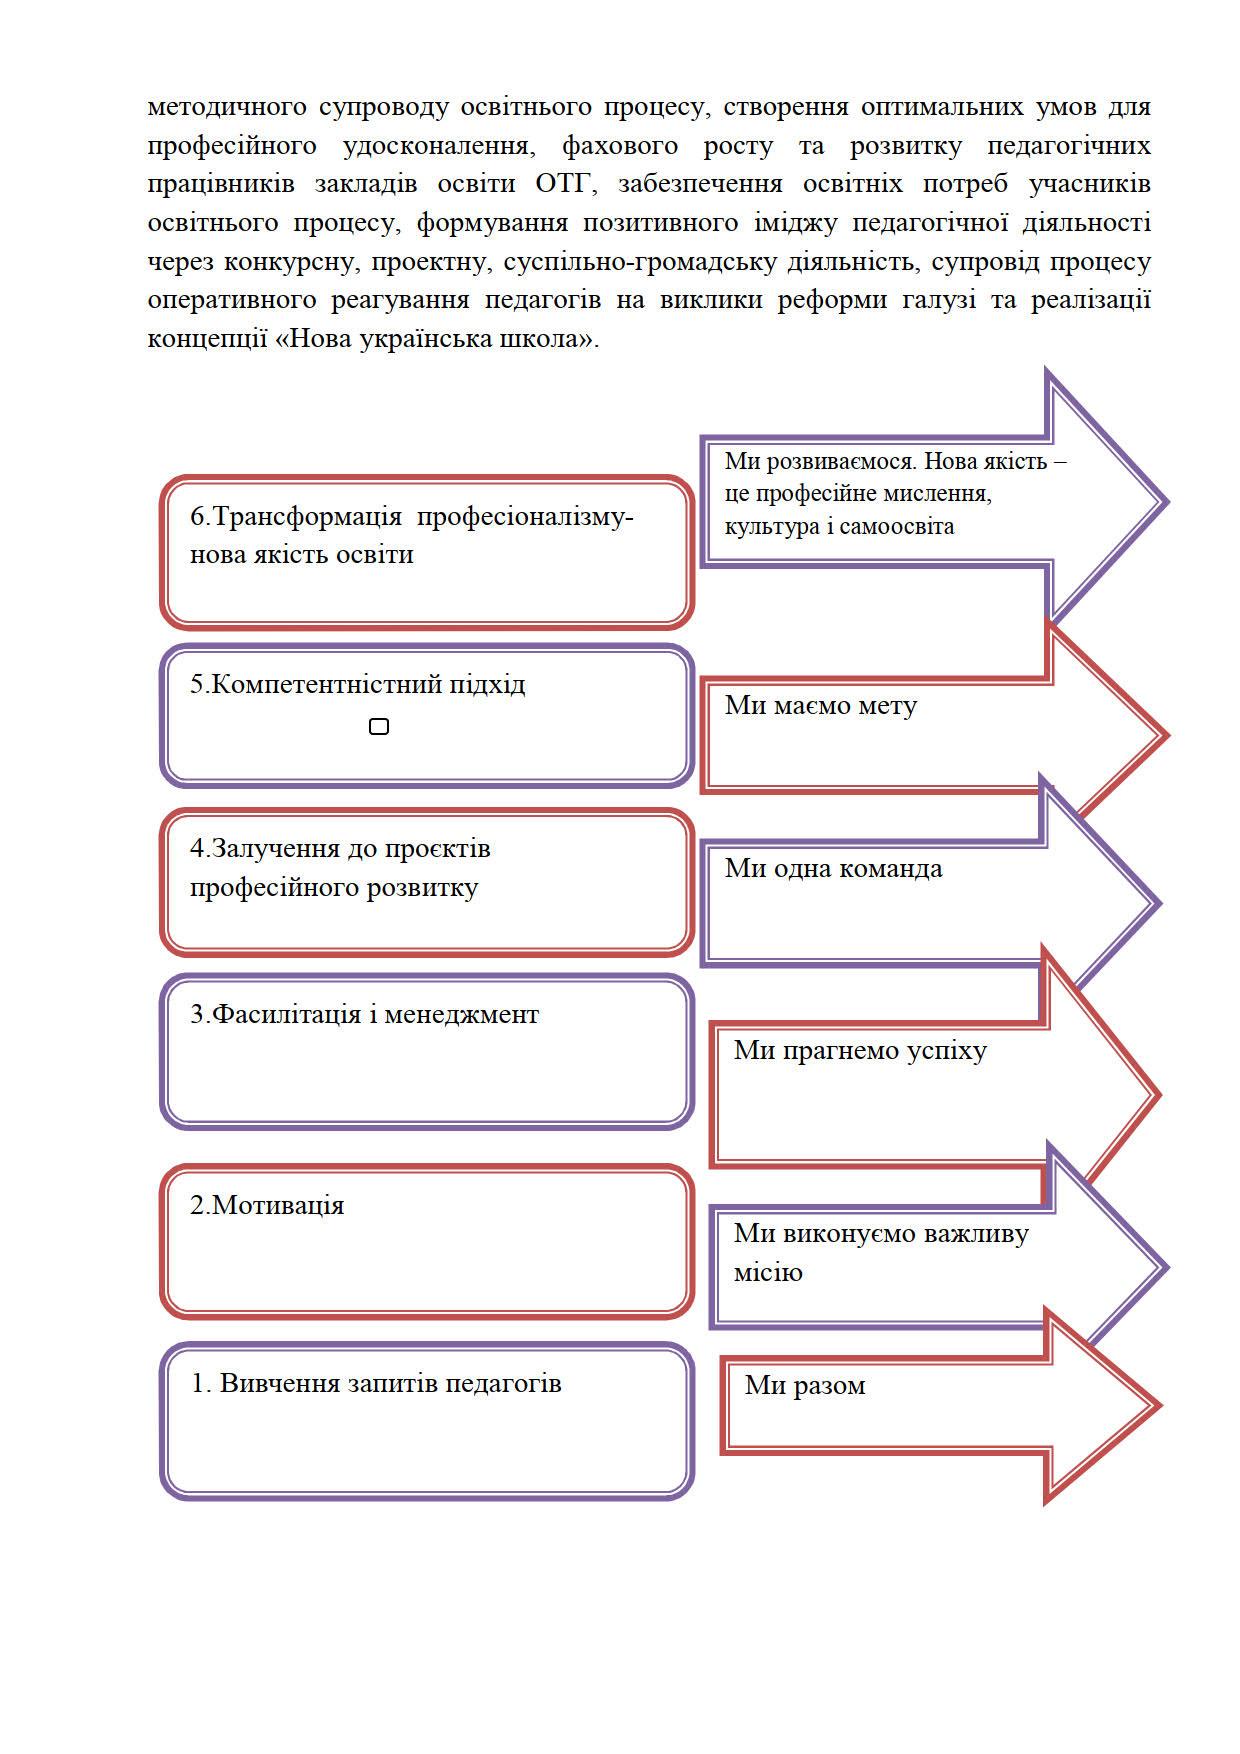 Microsoft Word - стратегія розвитку ЦПРПП_4